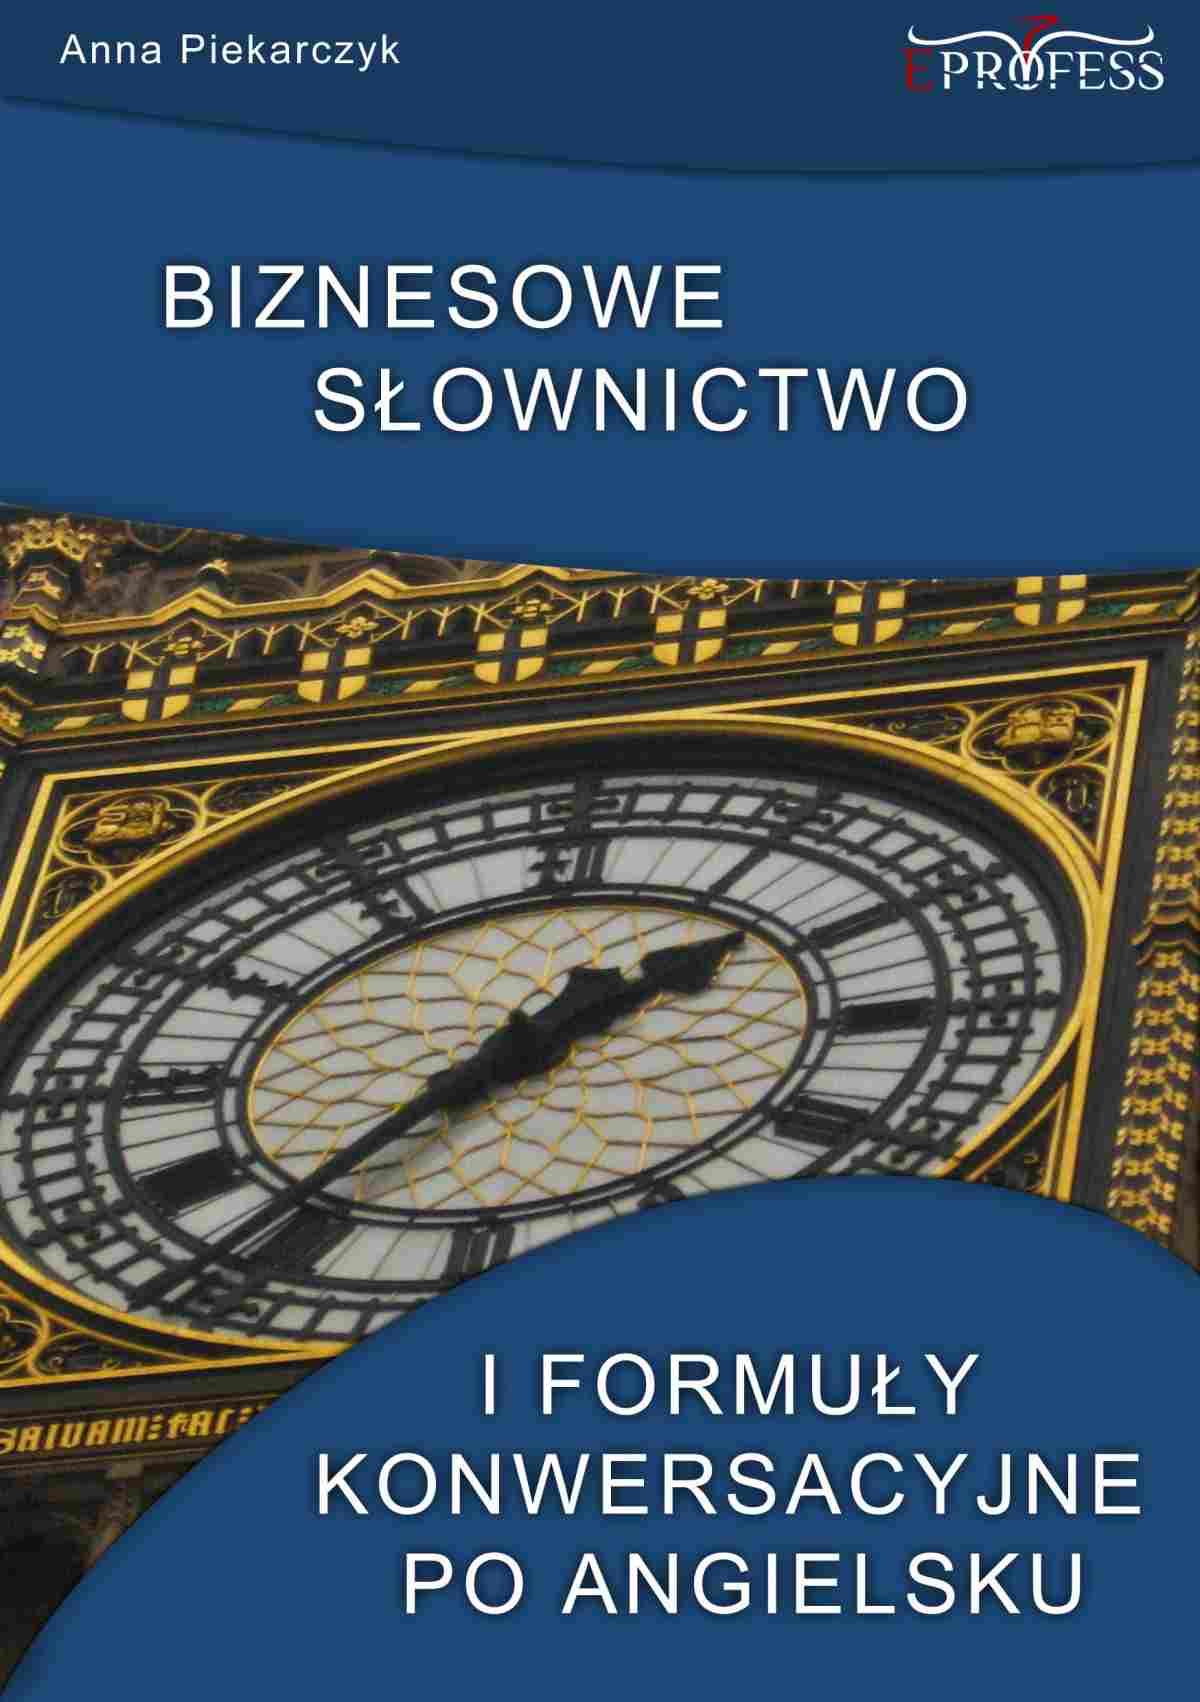 Biznesowe słownictwo i formuły konwersacyjne po angielsku - Ebook (Książka na Kindle) do pobrania w formacie MOBI